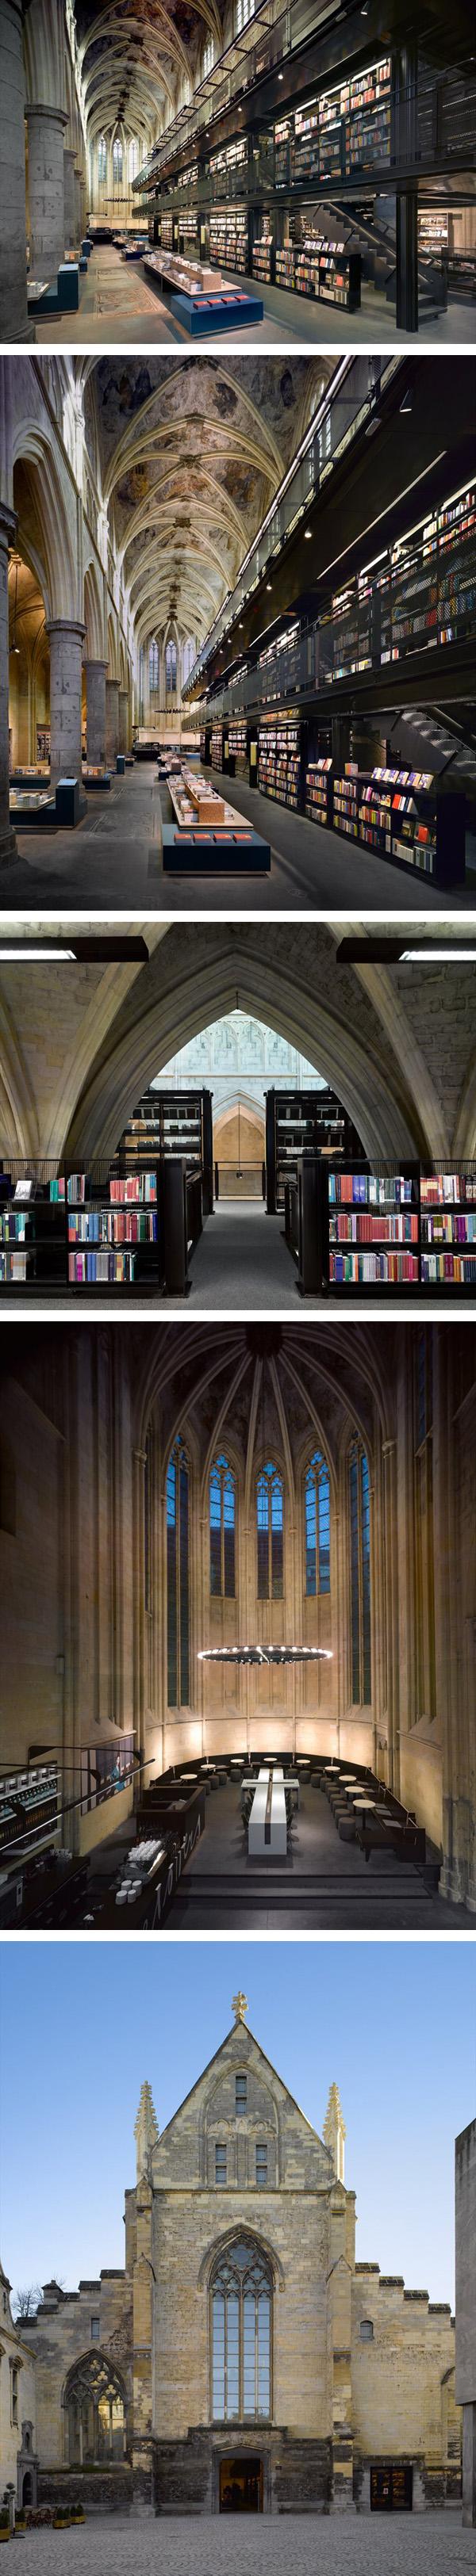 Librería Selexyz-Dominicanen